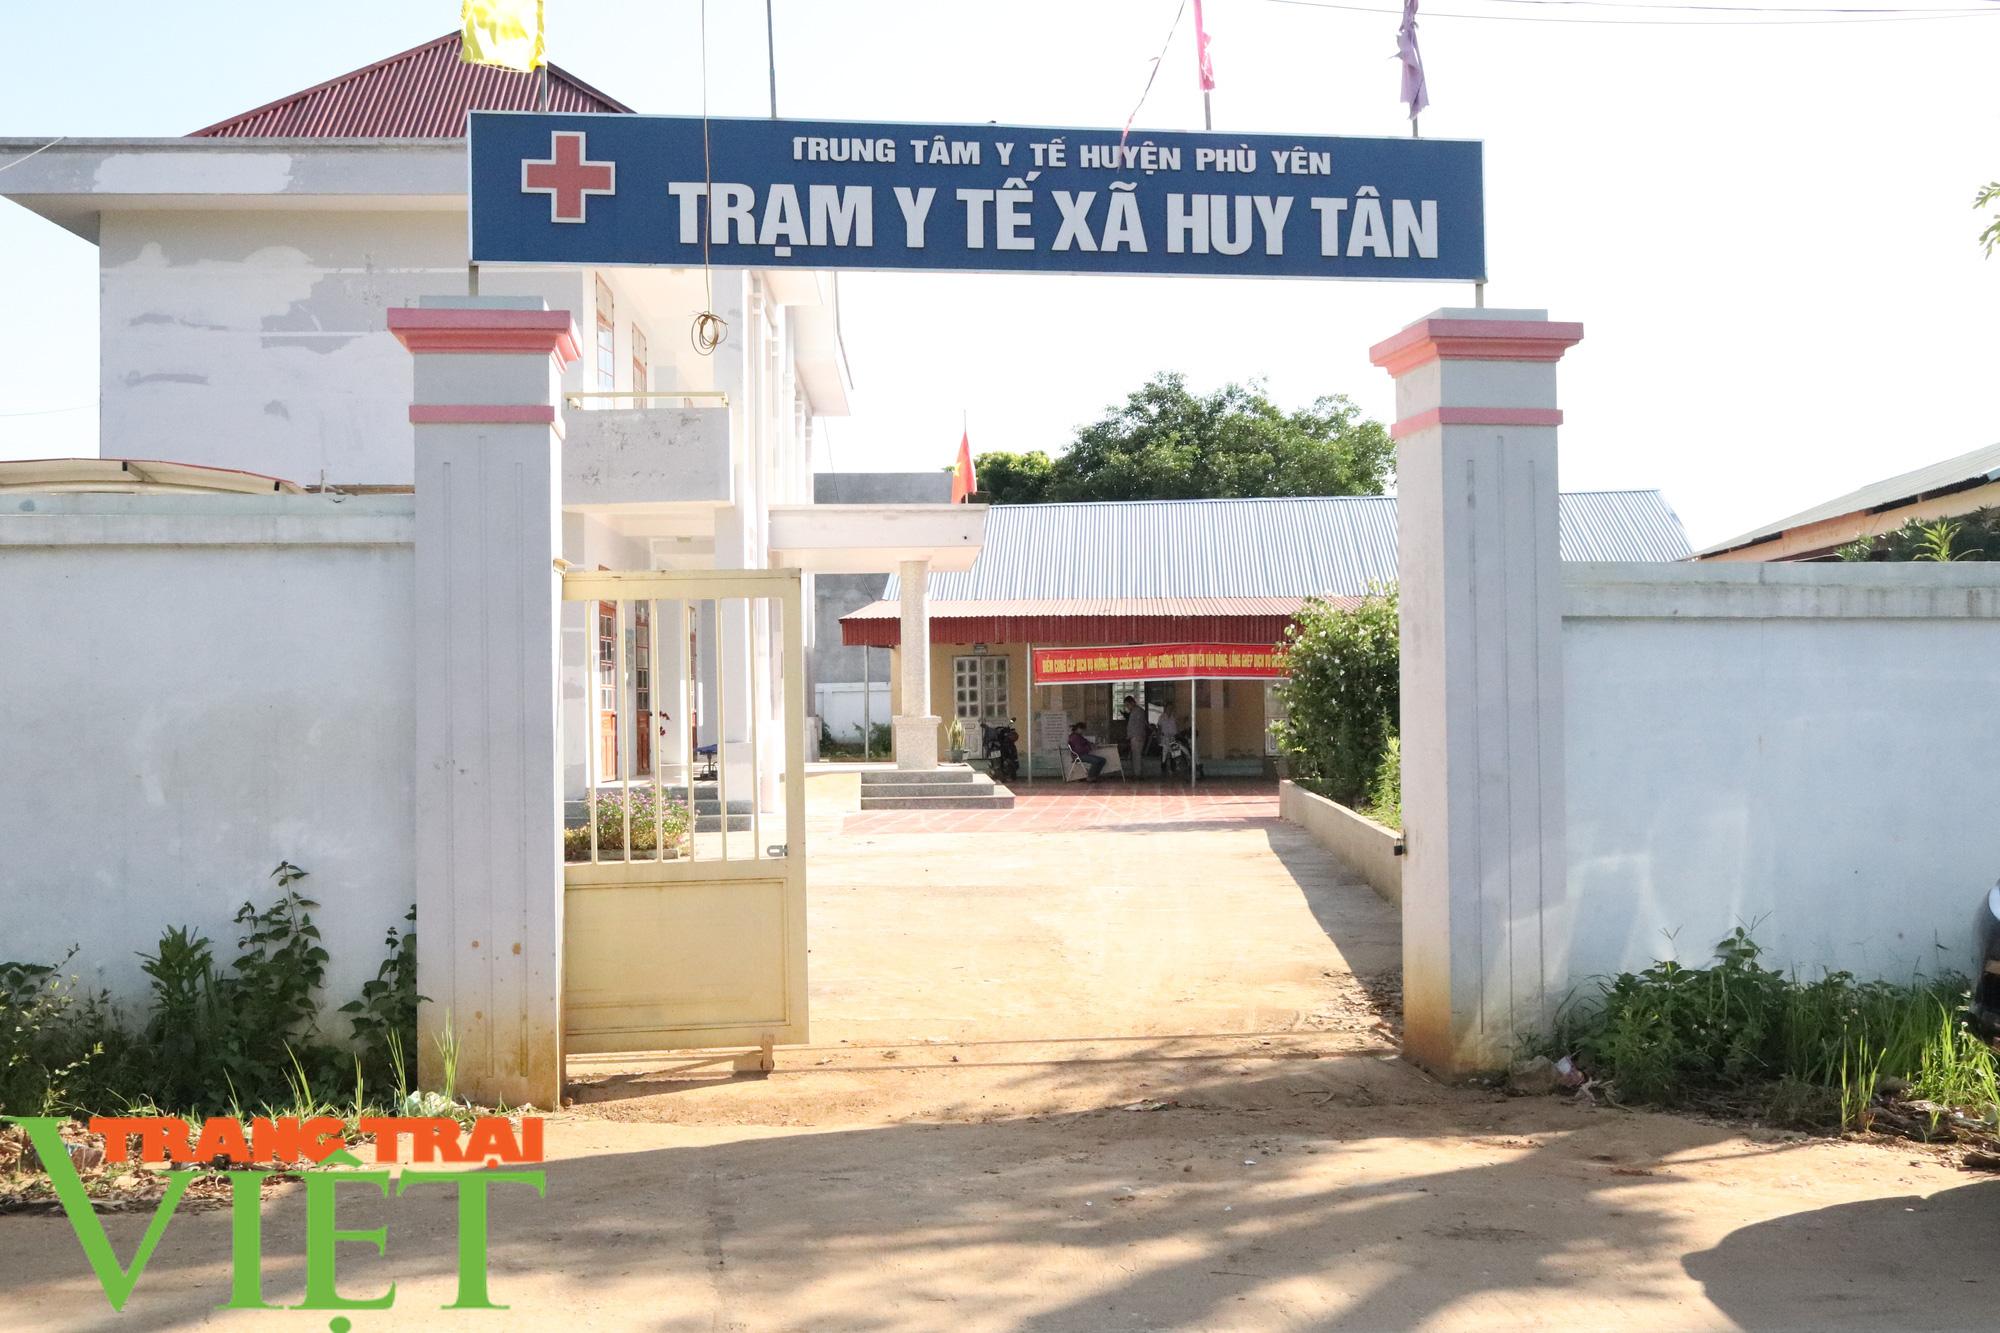 Trạm Y tế xã Huy Tân: Làm tốt công tác chăm sóc sức khoẻ cho người dân - Ảnh 1.